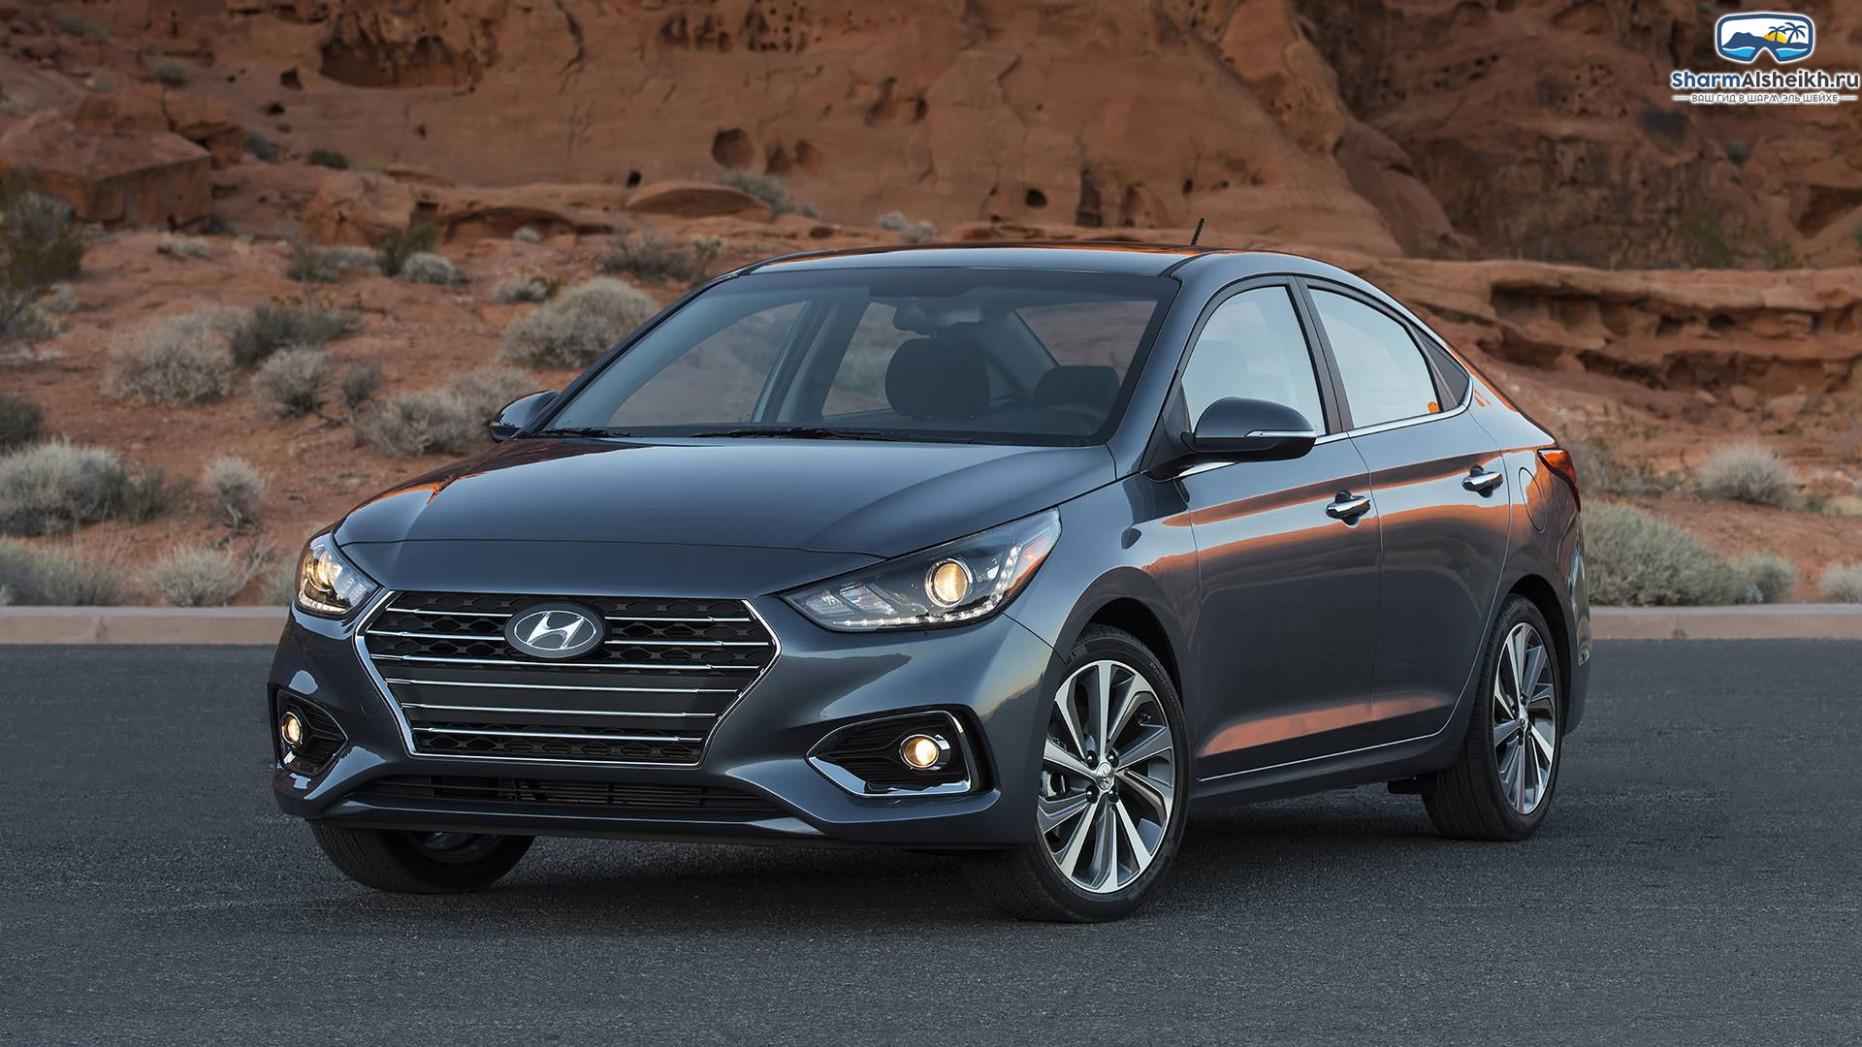 Redesign Hyundai Accent 2022